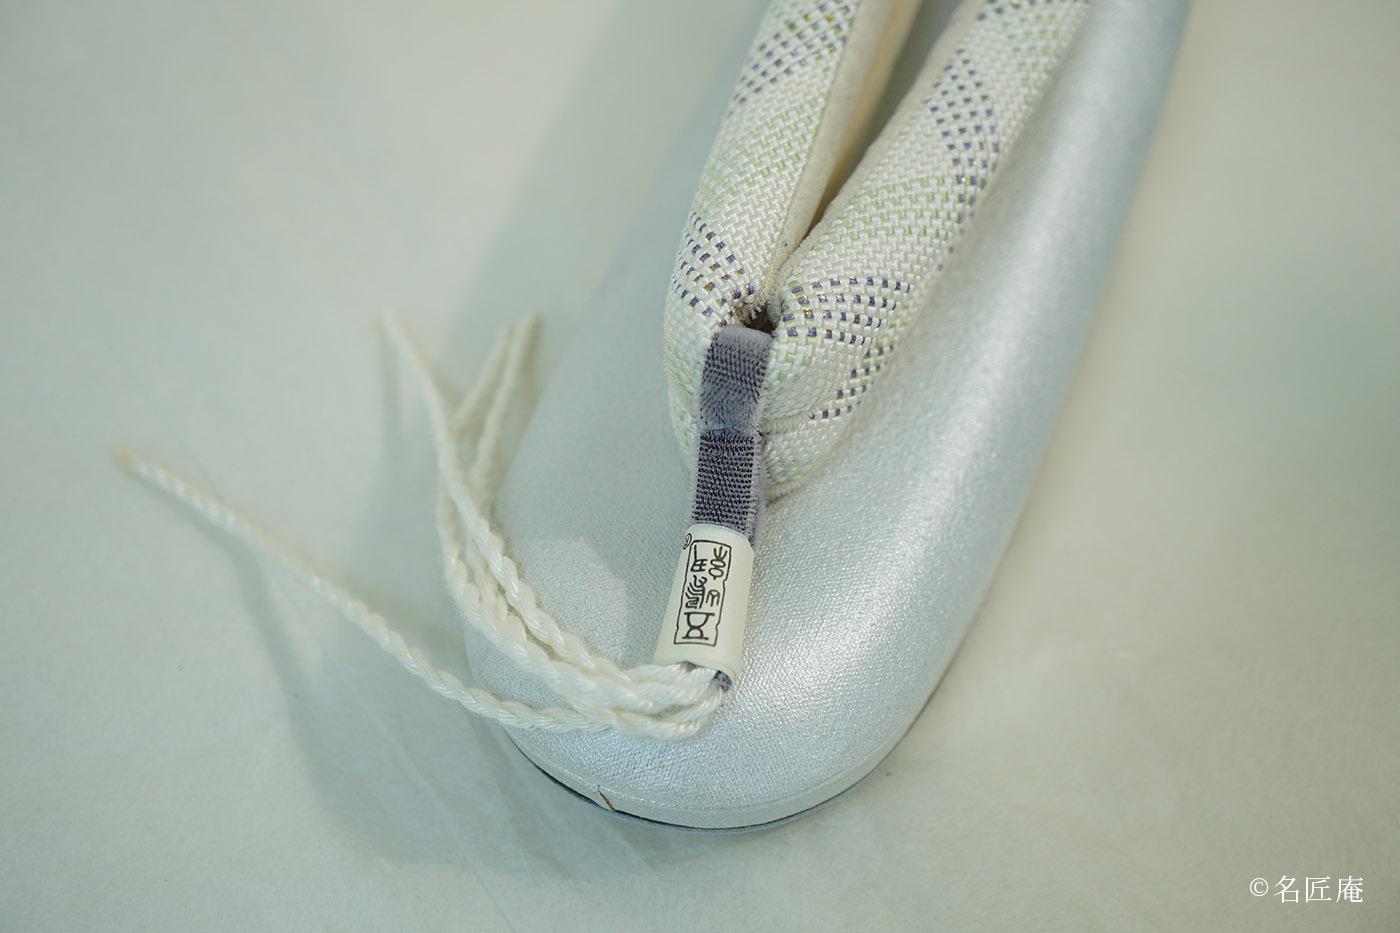 『菊之好』のバルーン草履